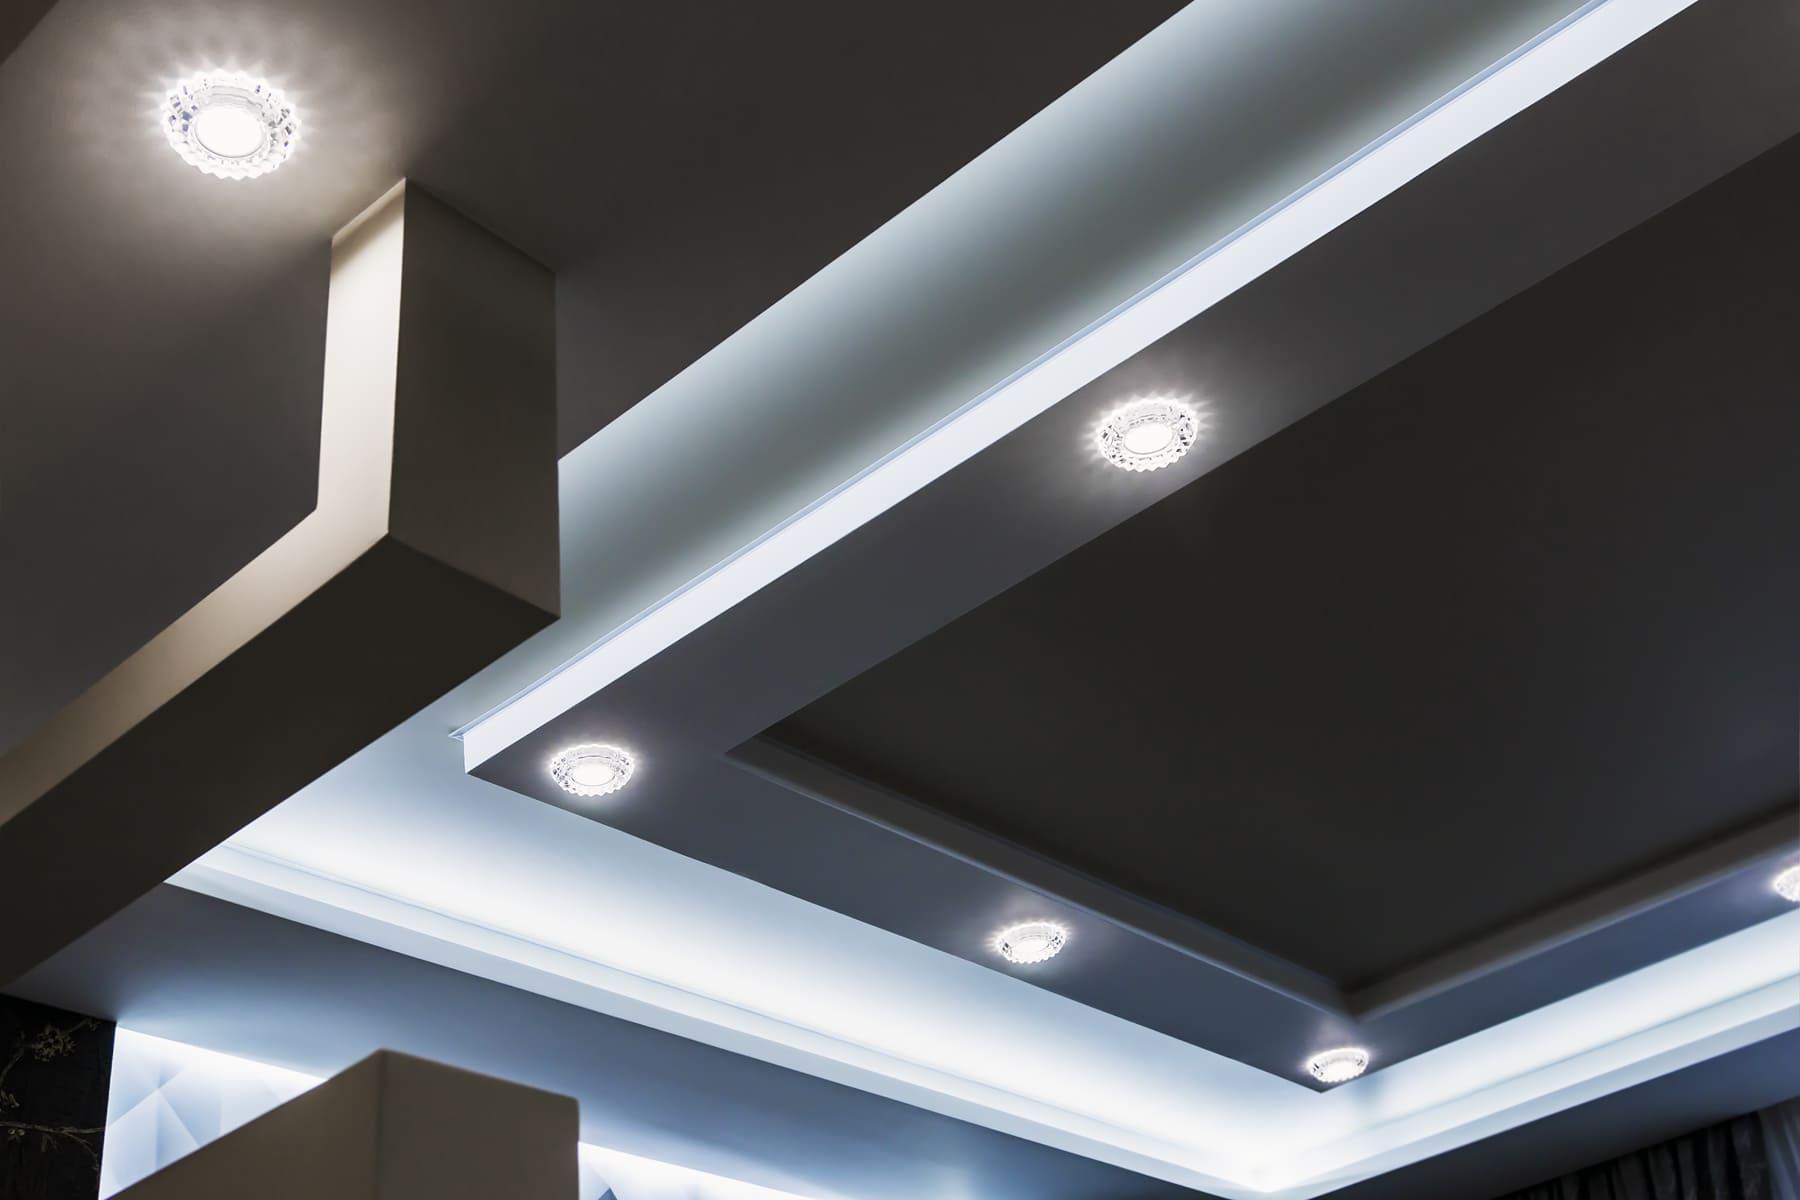 точкове освітлення в натяжній стелі